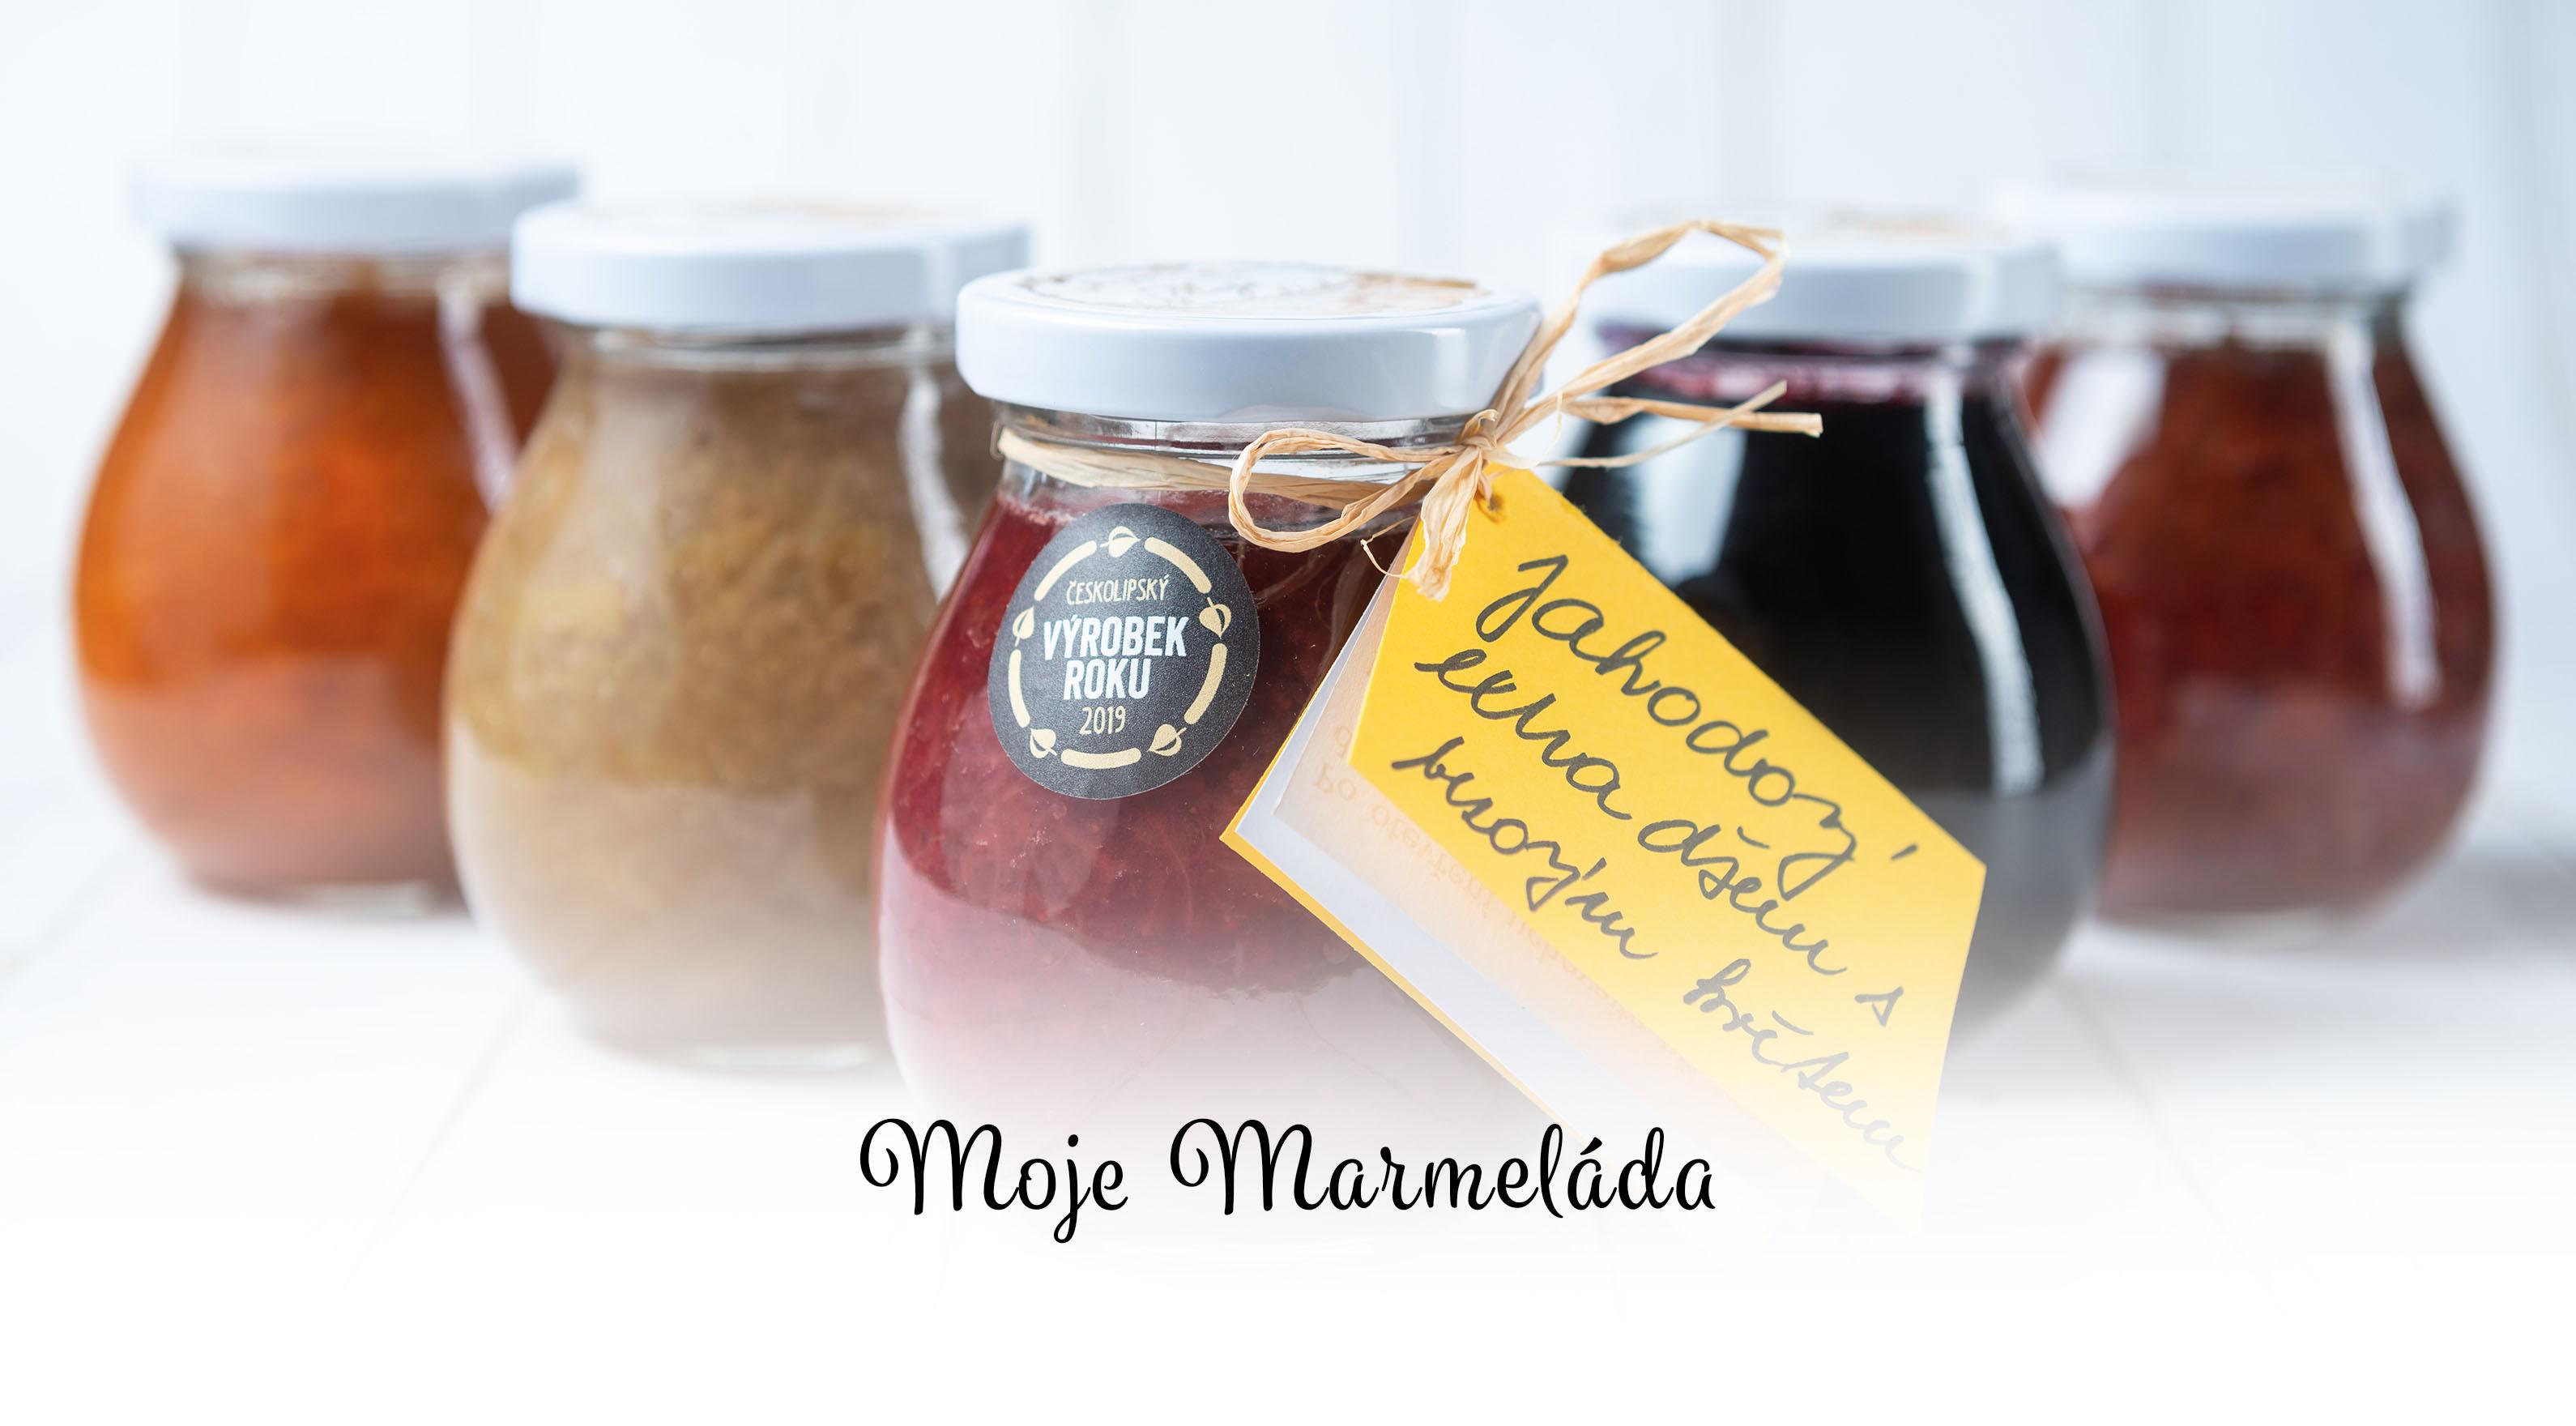 Vítejte v mém marmeládovém světě